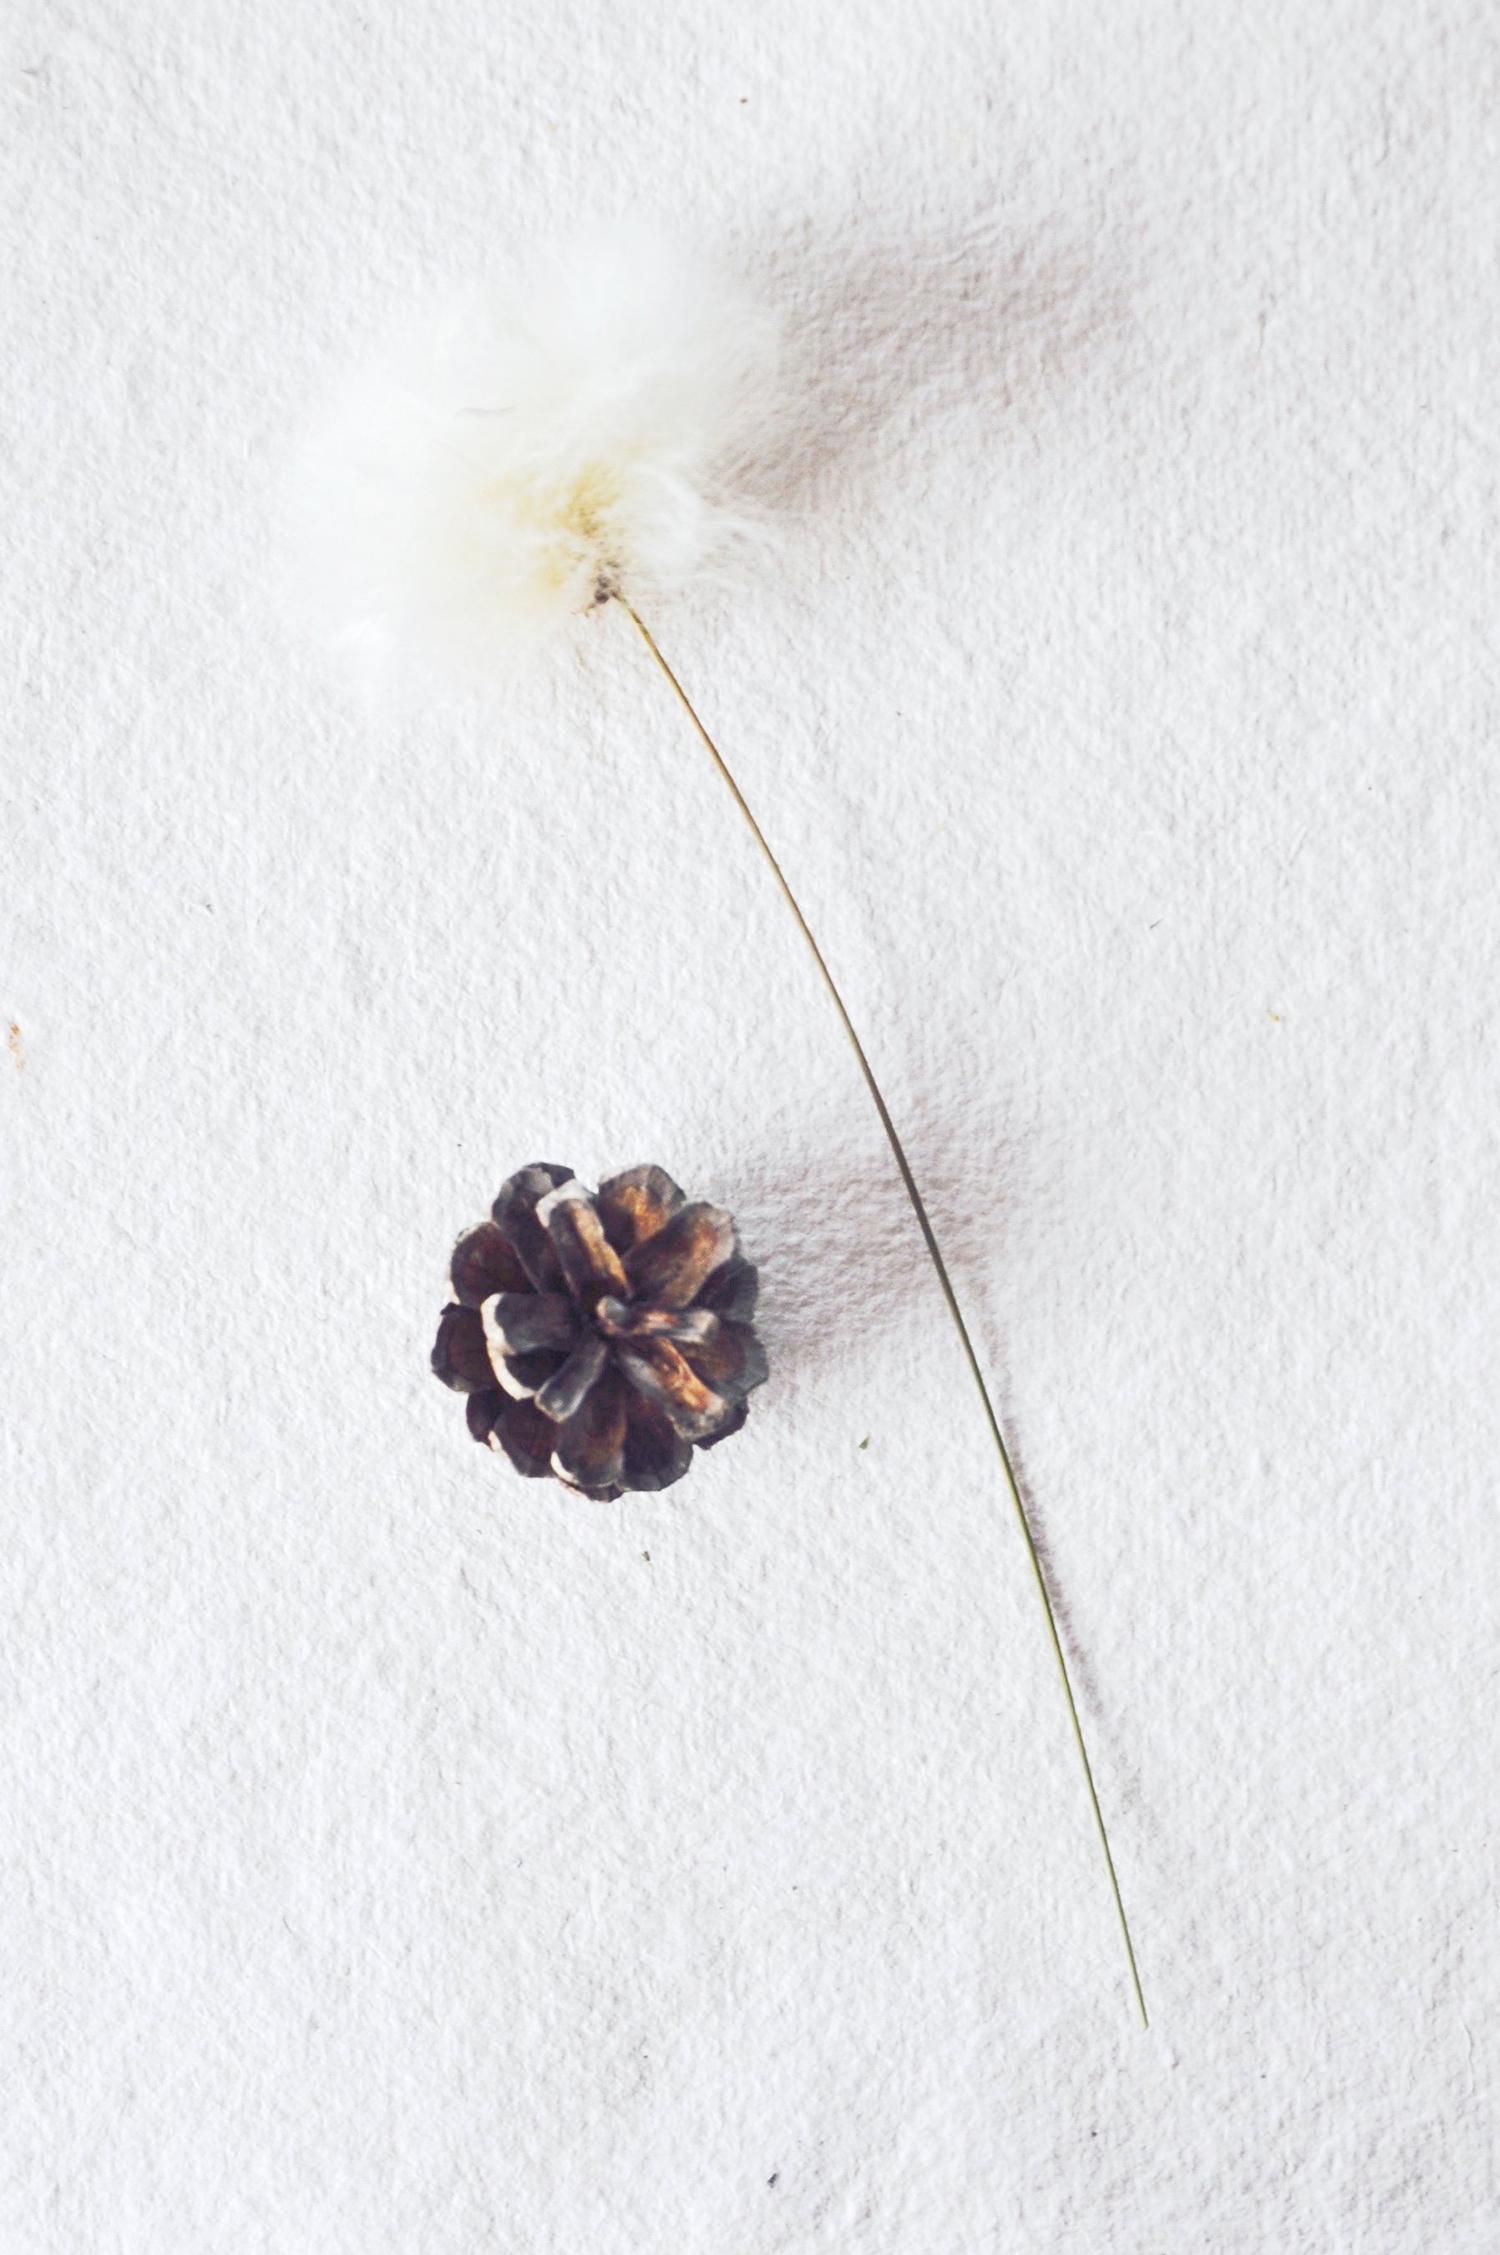 Wollblume mit tschurtsche arctic plants.jpg